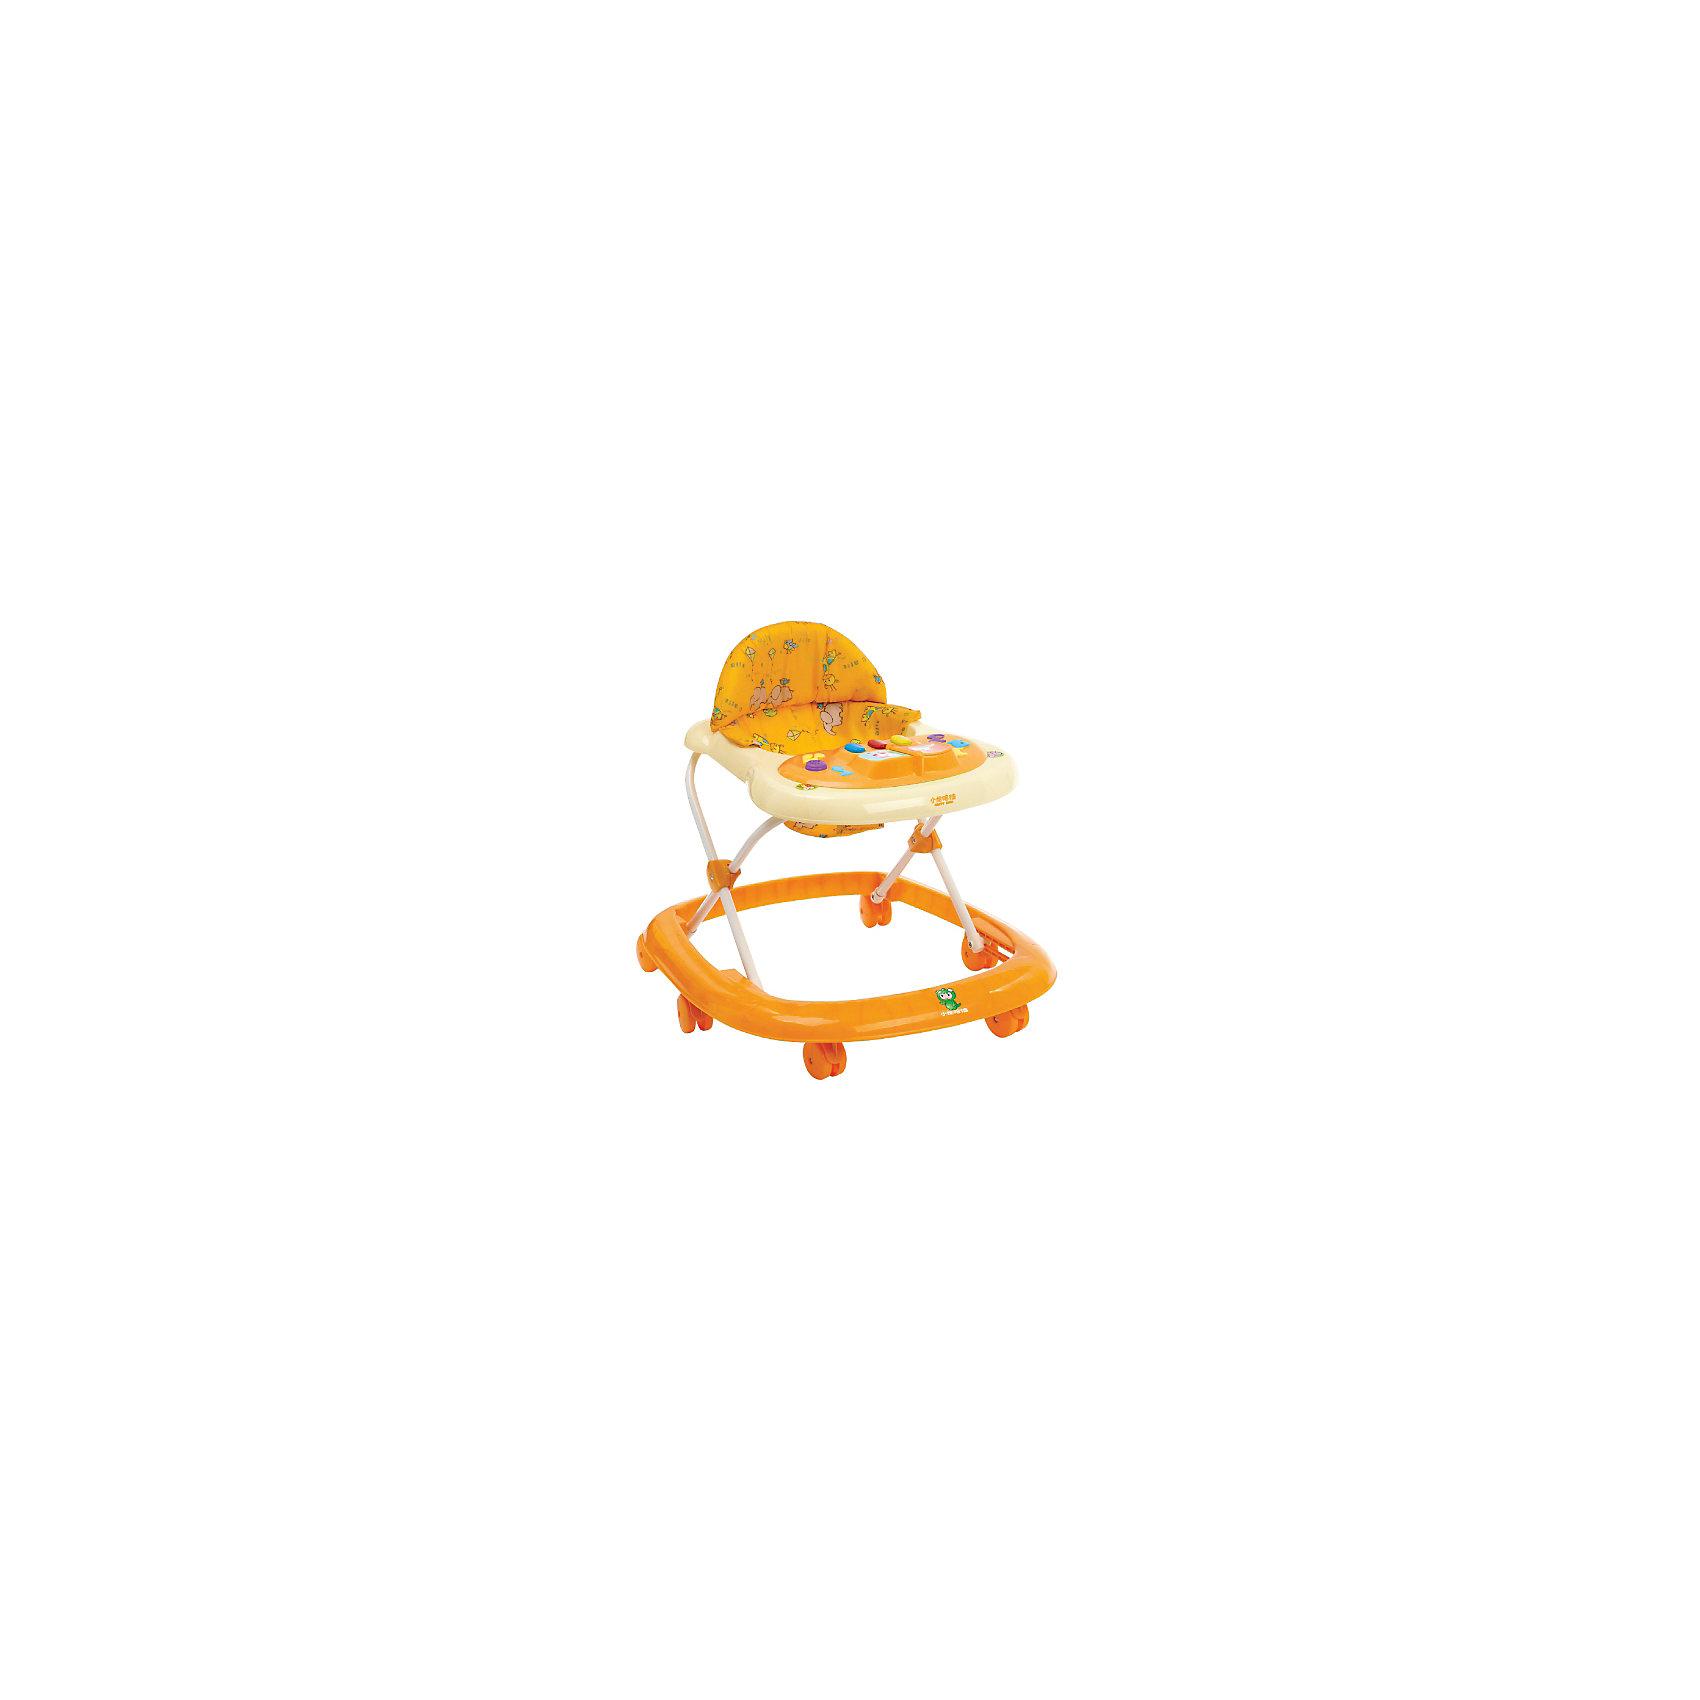 Ходунки LXB103H, Happy Dino, оранжевый